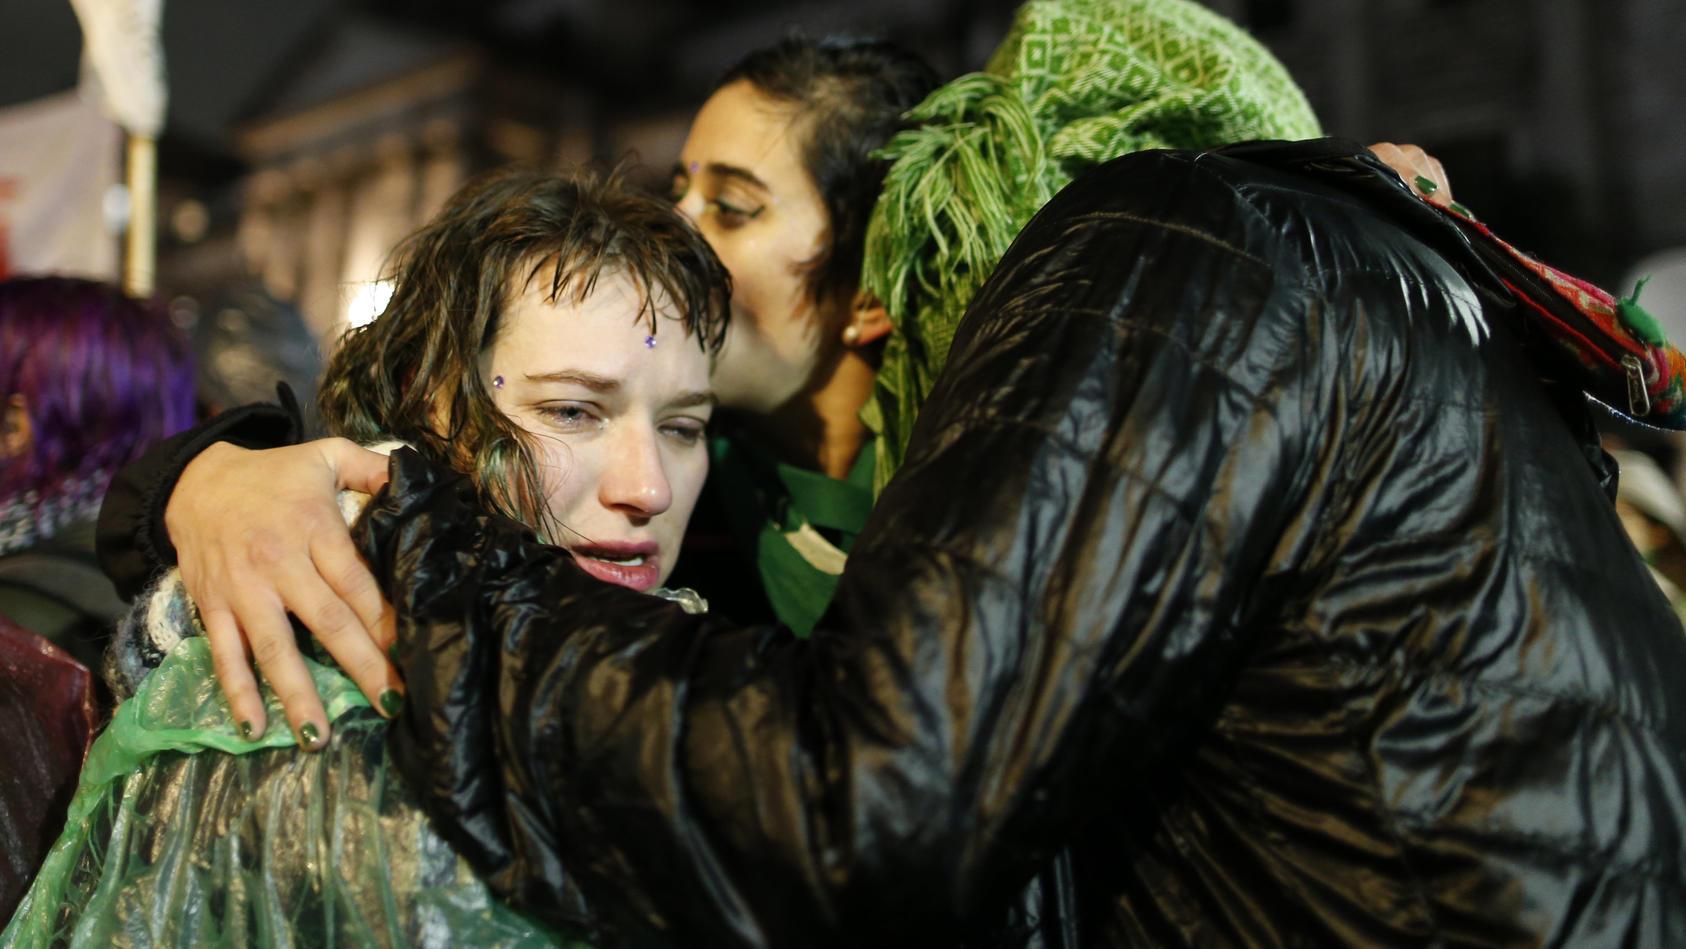 Derzeit protestieren Frauen in Argentinien für die Legalisierung des Eingriffs.